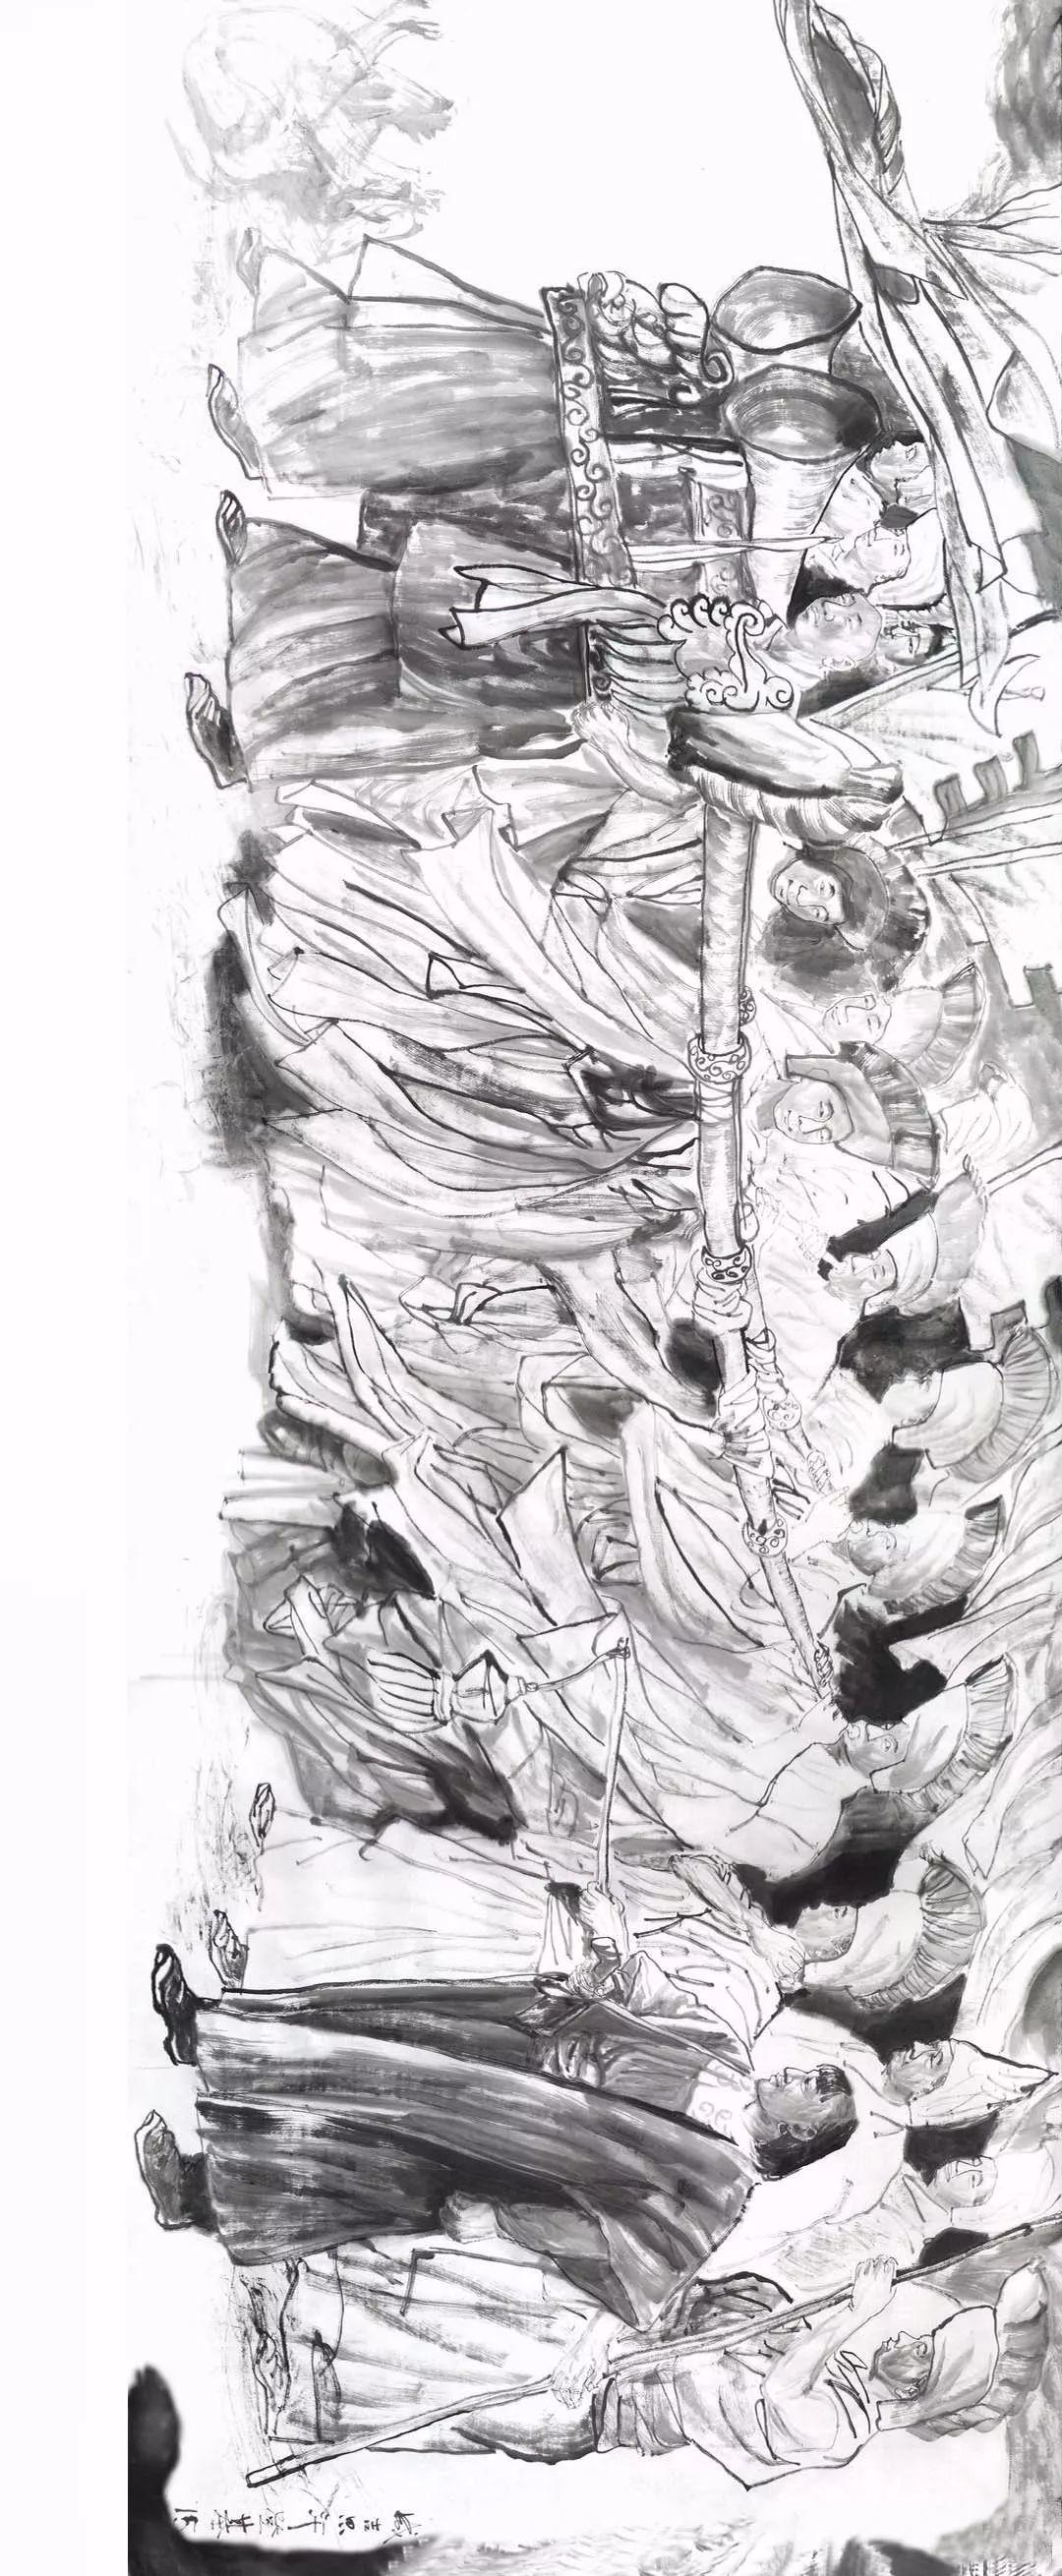 【经典】《蒙古魂》国画写意,大师所创,值得收藏。 第13张